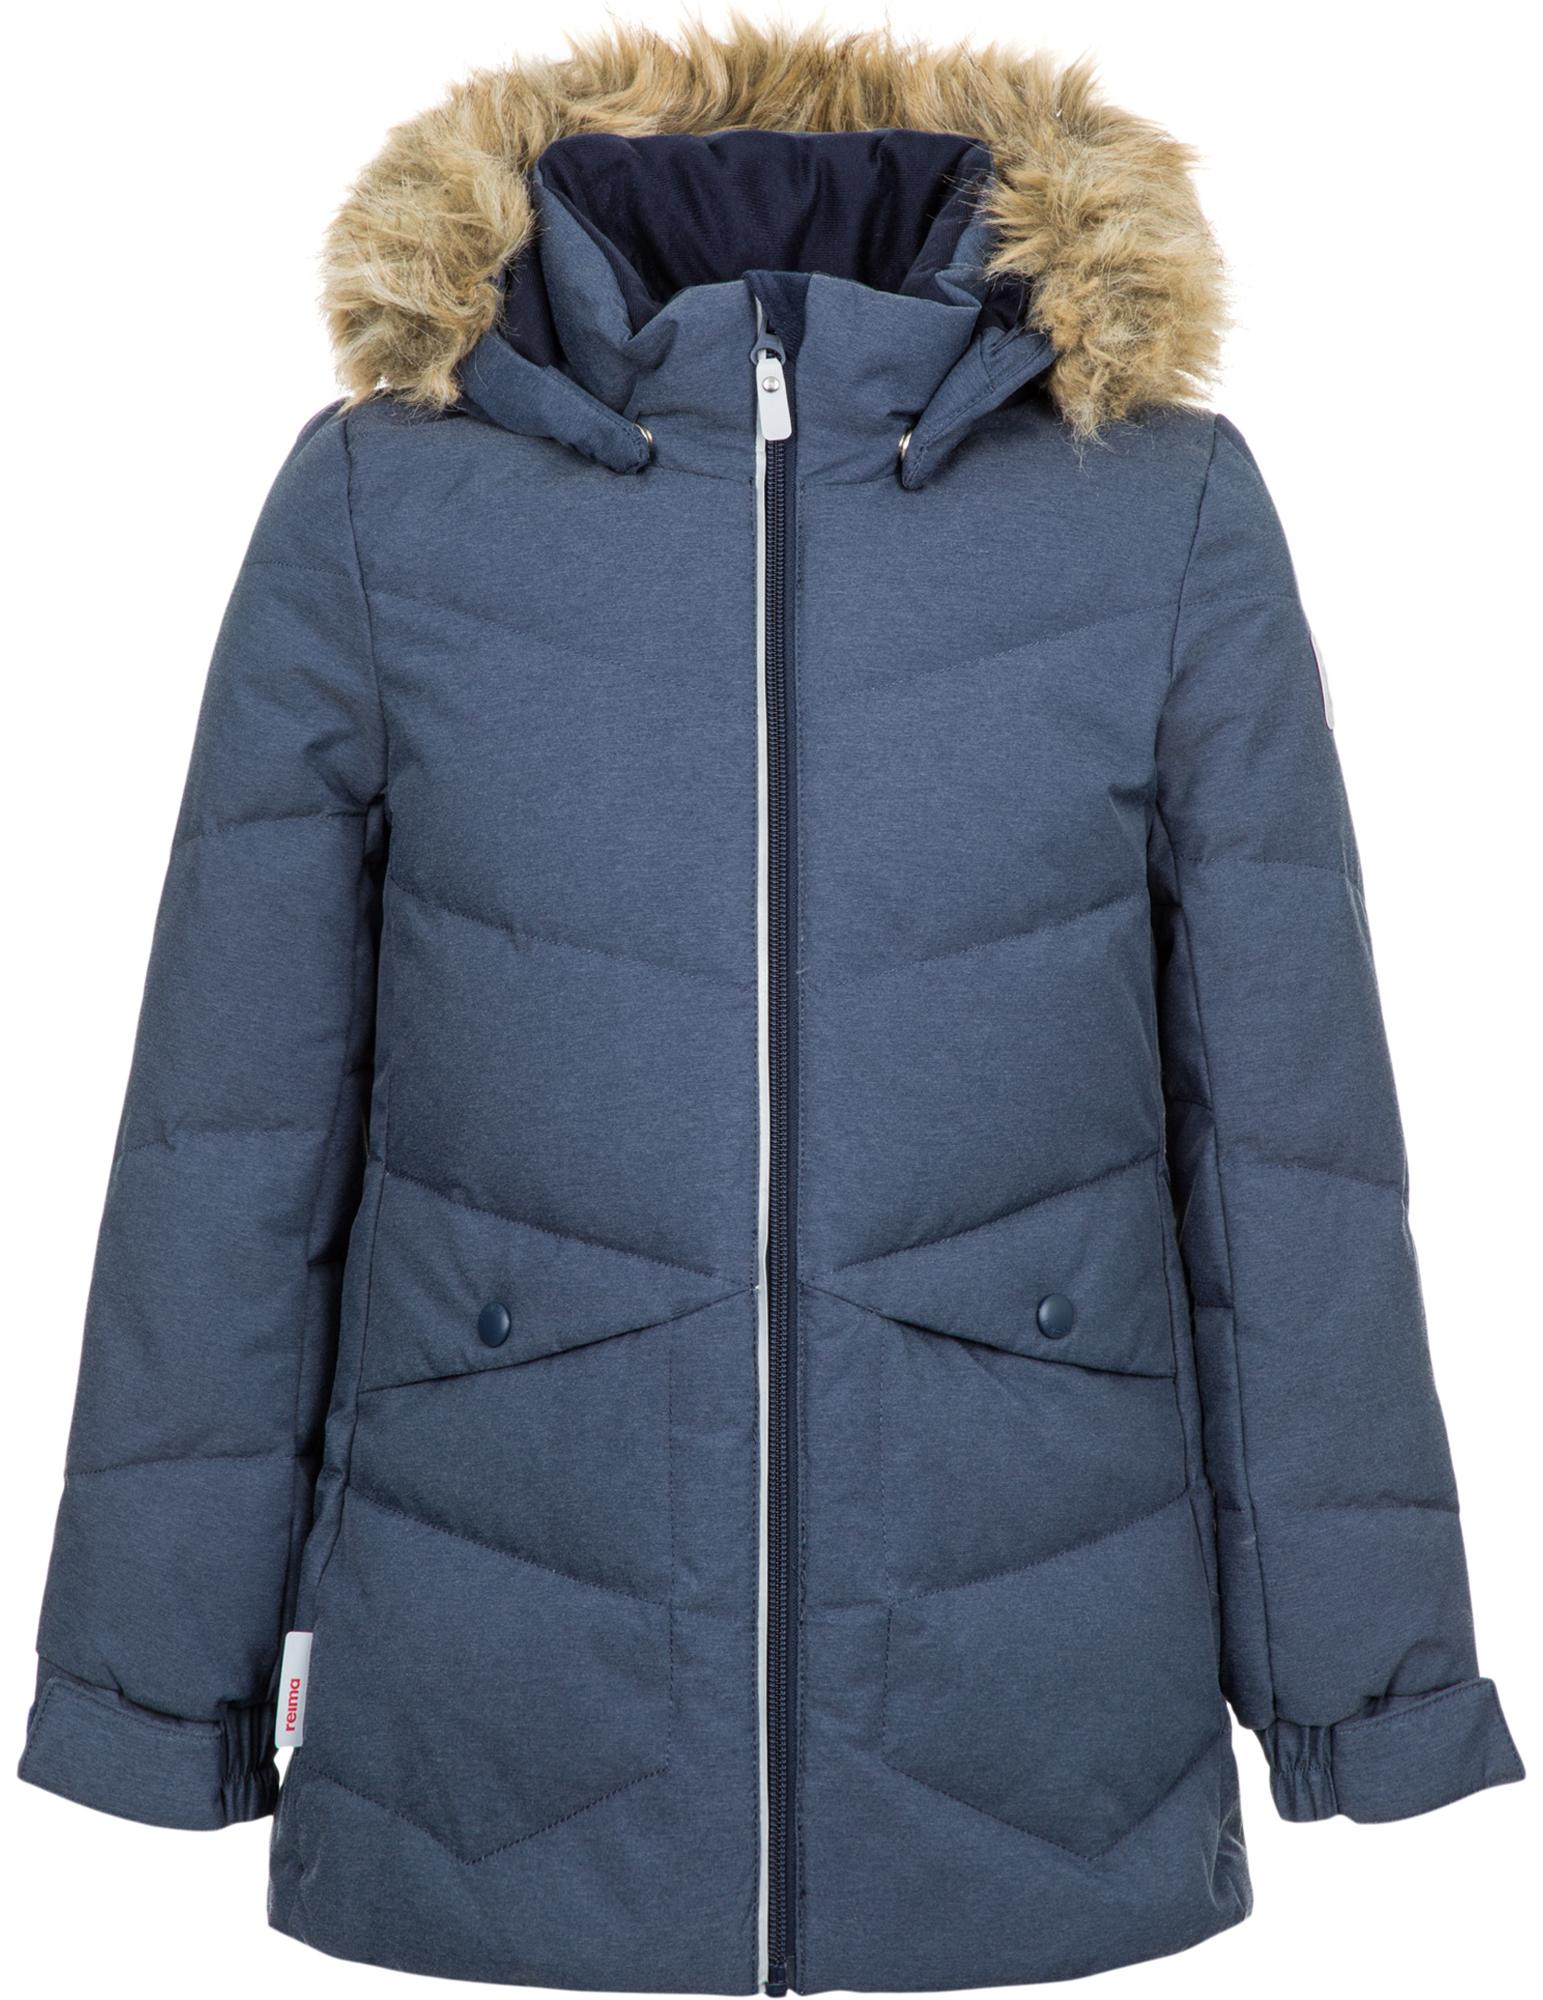 Reima Куртка пуховая для девочек Reima Leena, размер 140 цена